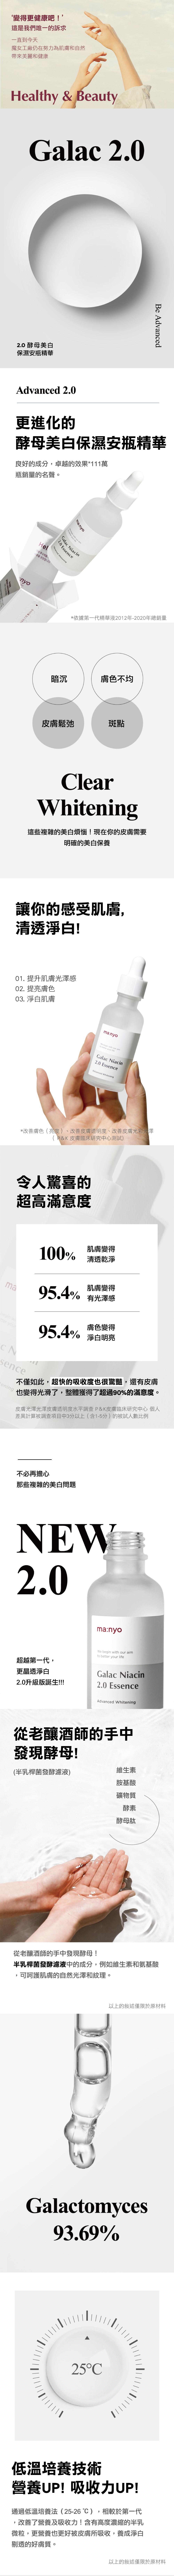 manyo-%e9%85%b5%e6%af%8d%e5%b0%8f%e7%99%bd%e7%93%b6_1